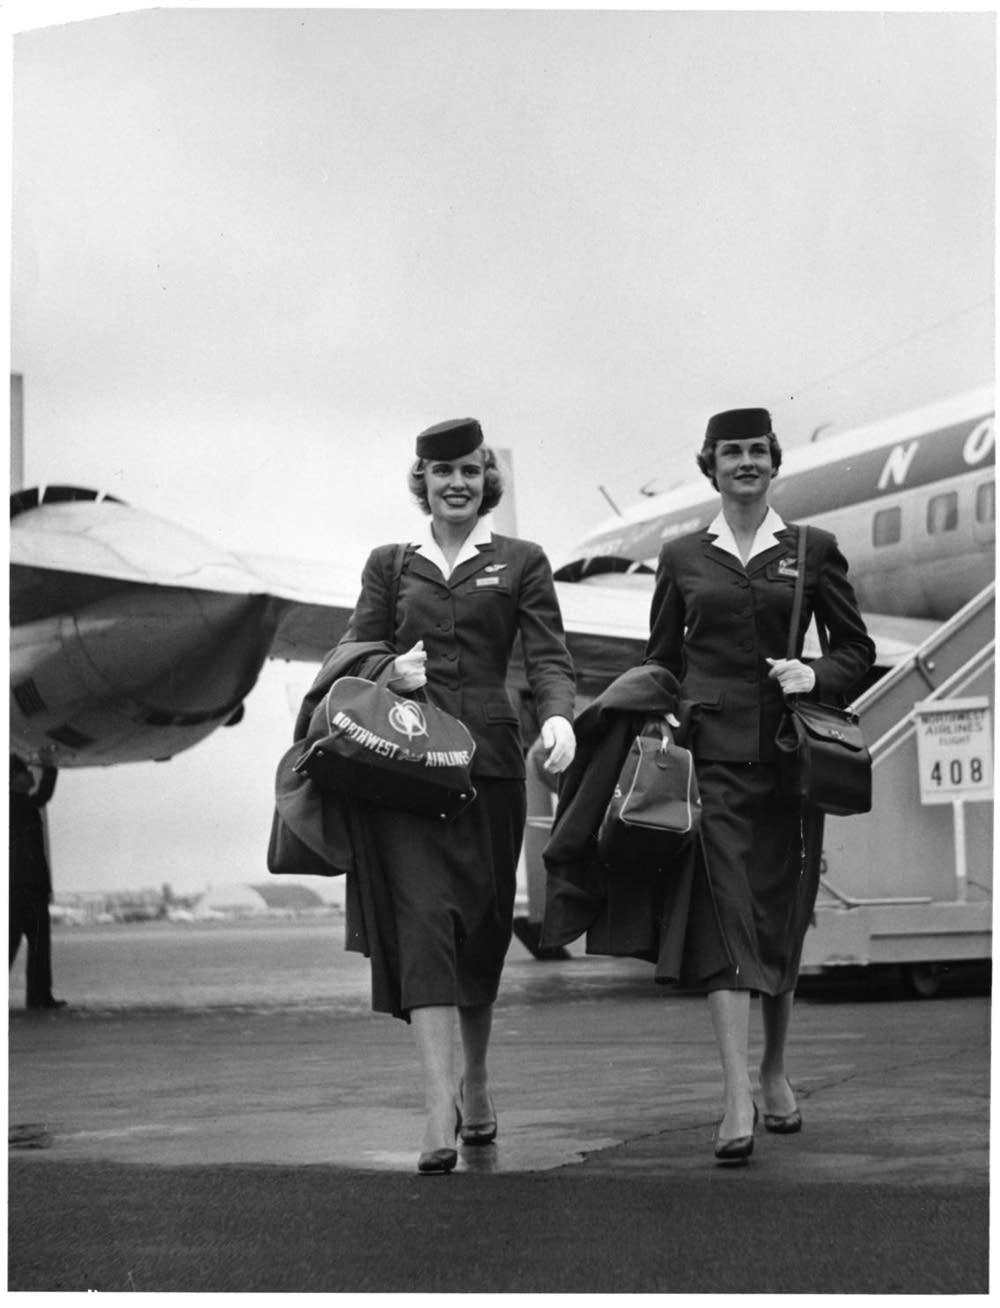 1952 flight attendants